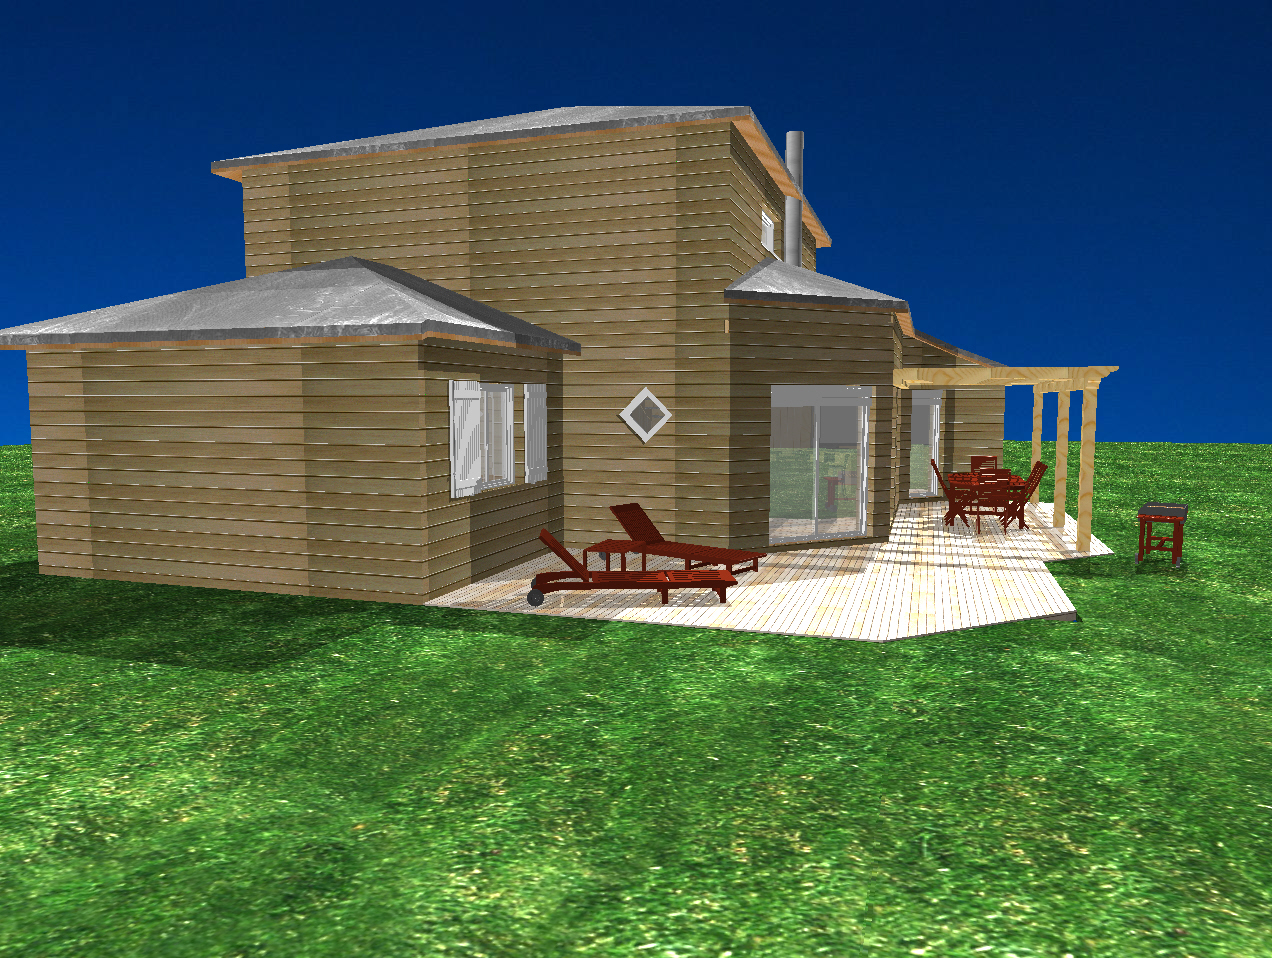 Realisation des plans de notre maison bioclimatique for Maison bioclimatique plan